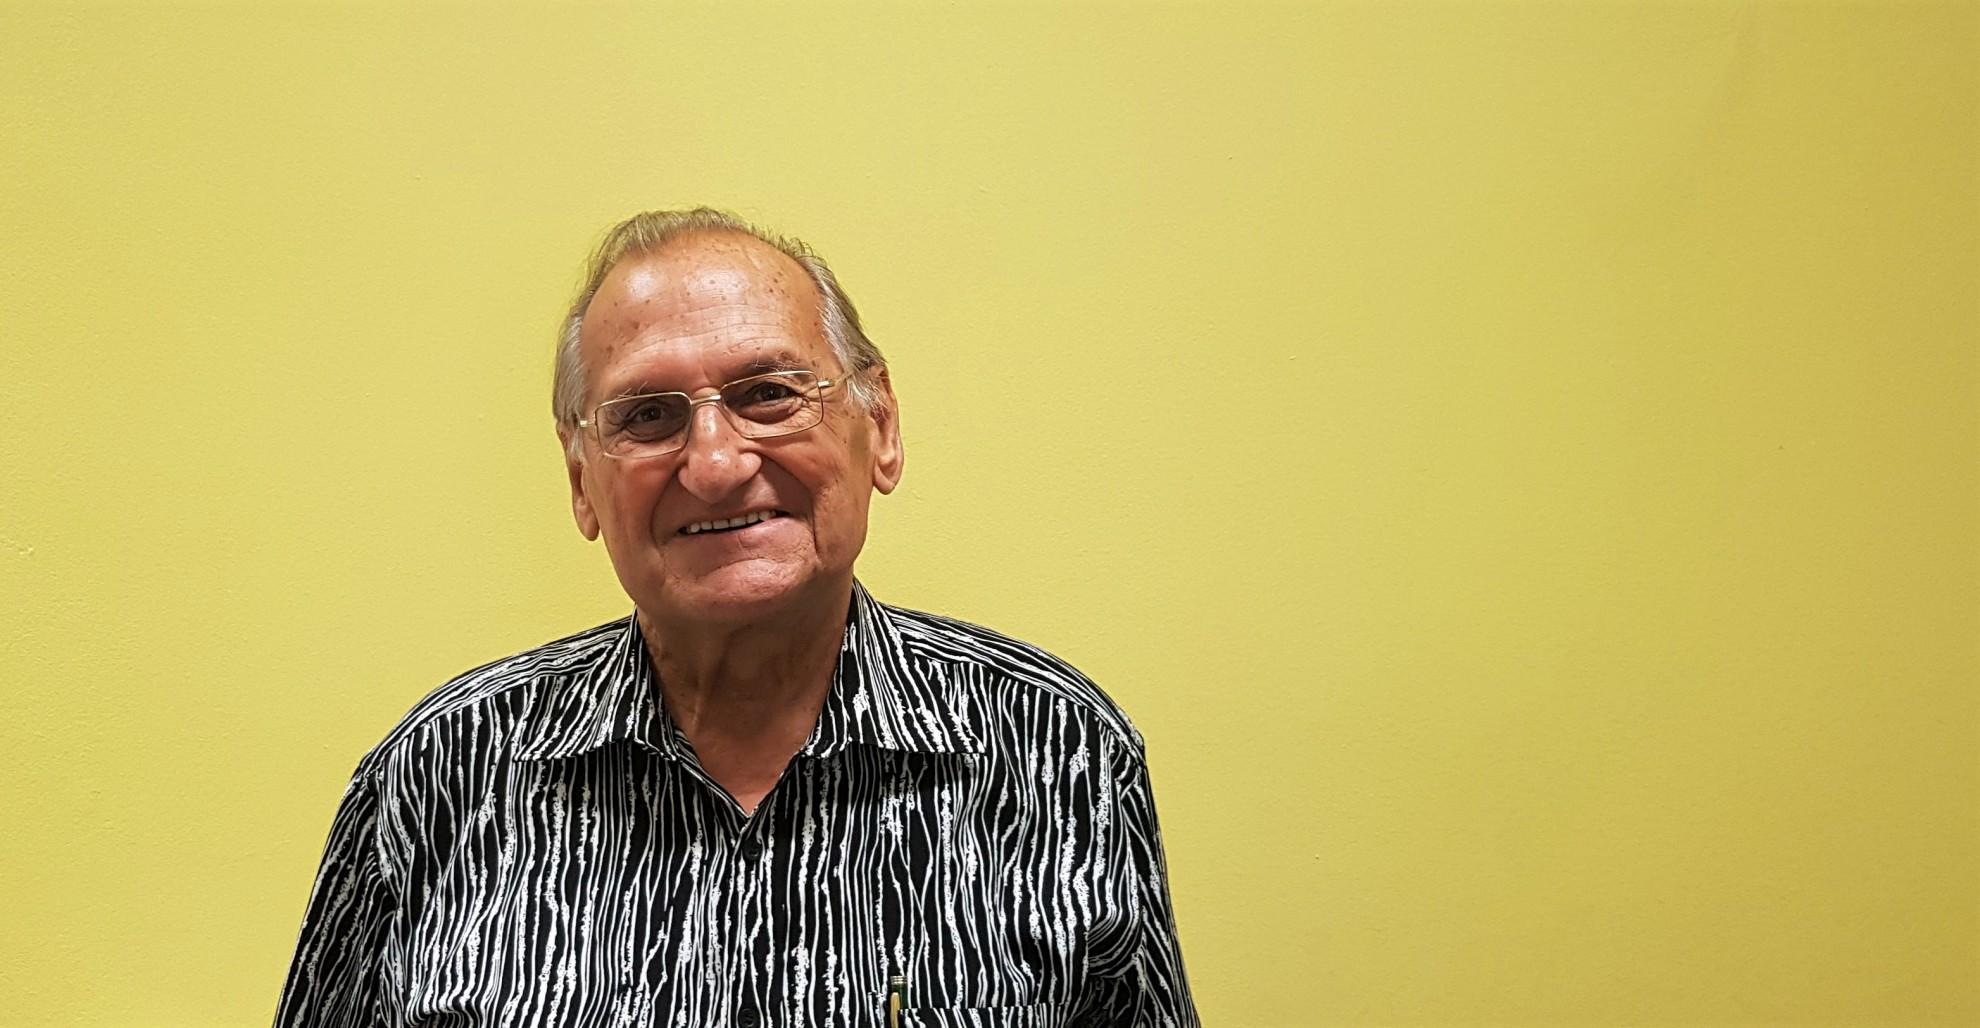 Agil im Alter: Darum ist Peter Grimmig der Austausch so wichtig